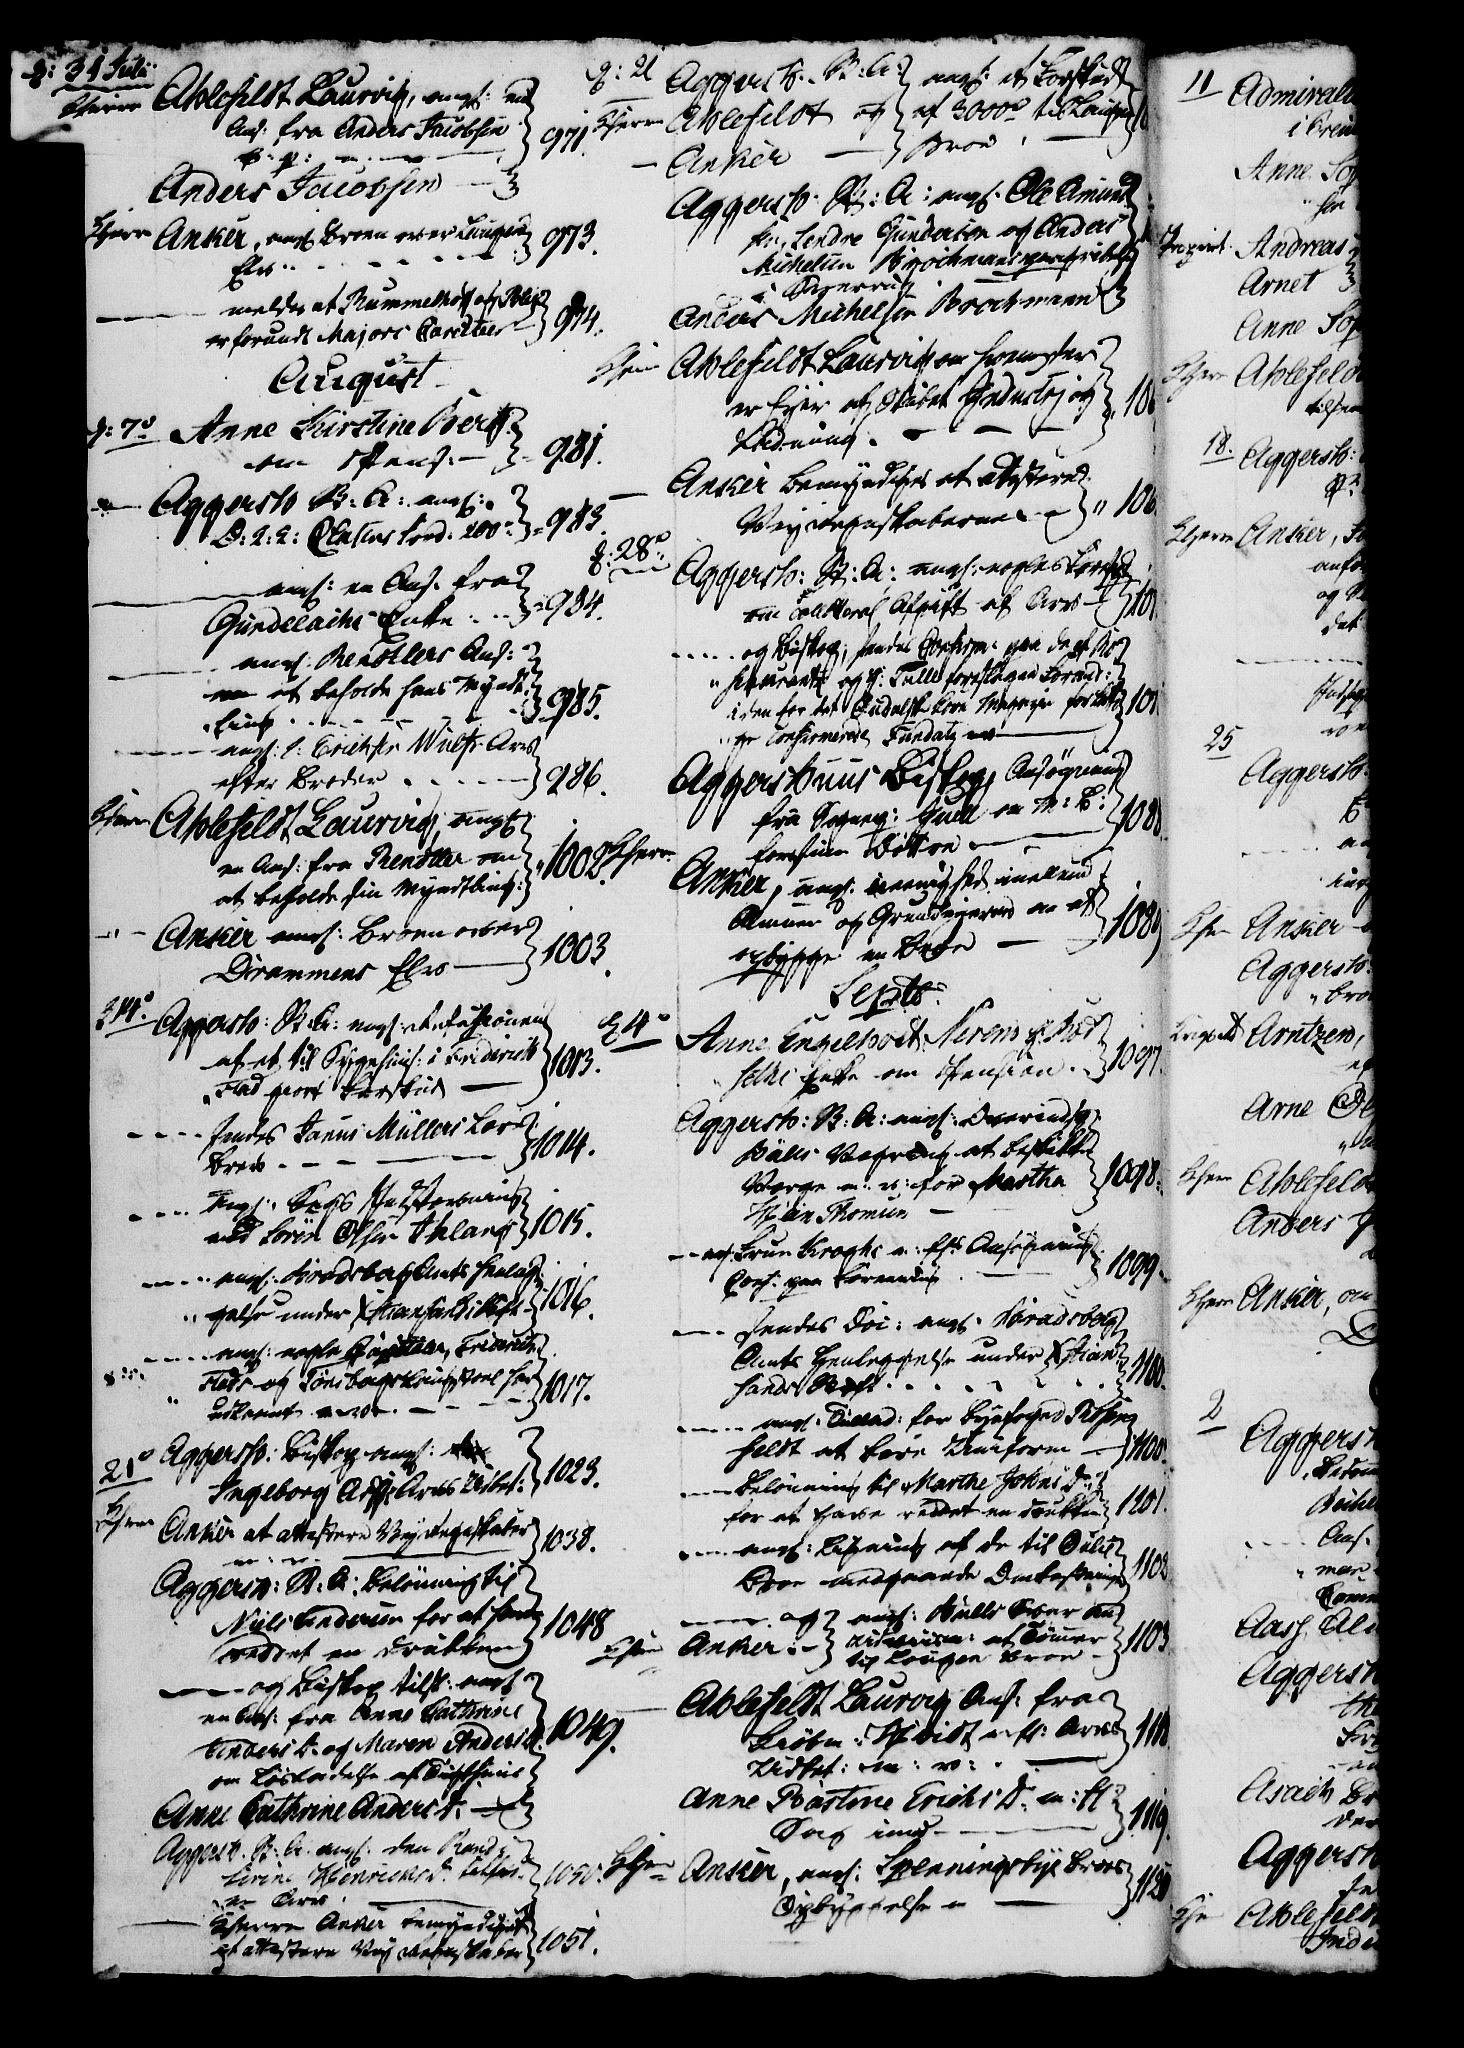 RA, Danske Kanselli 1800-1814, H/Hg/Hga/Hgaa/L0006: Brevbok, 1802